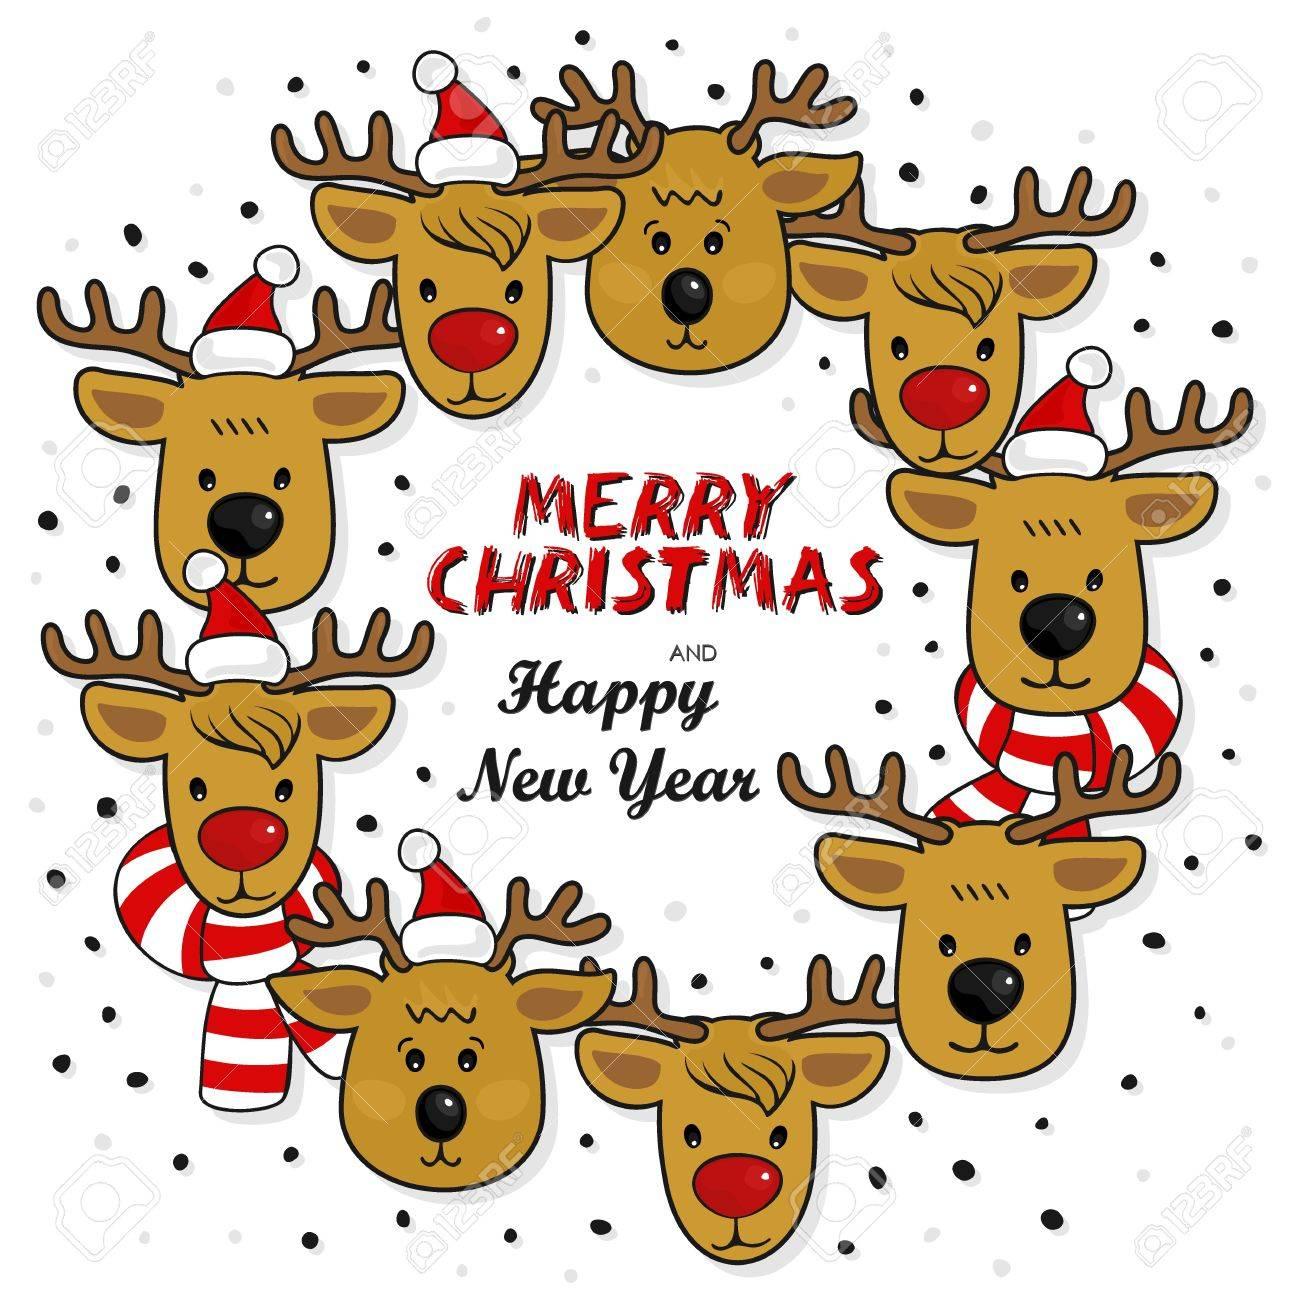 Reindeer Gruppe Kranz In Weihnachtsmann Hüten Und Bunten Schals